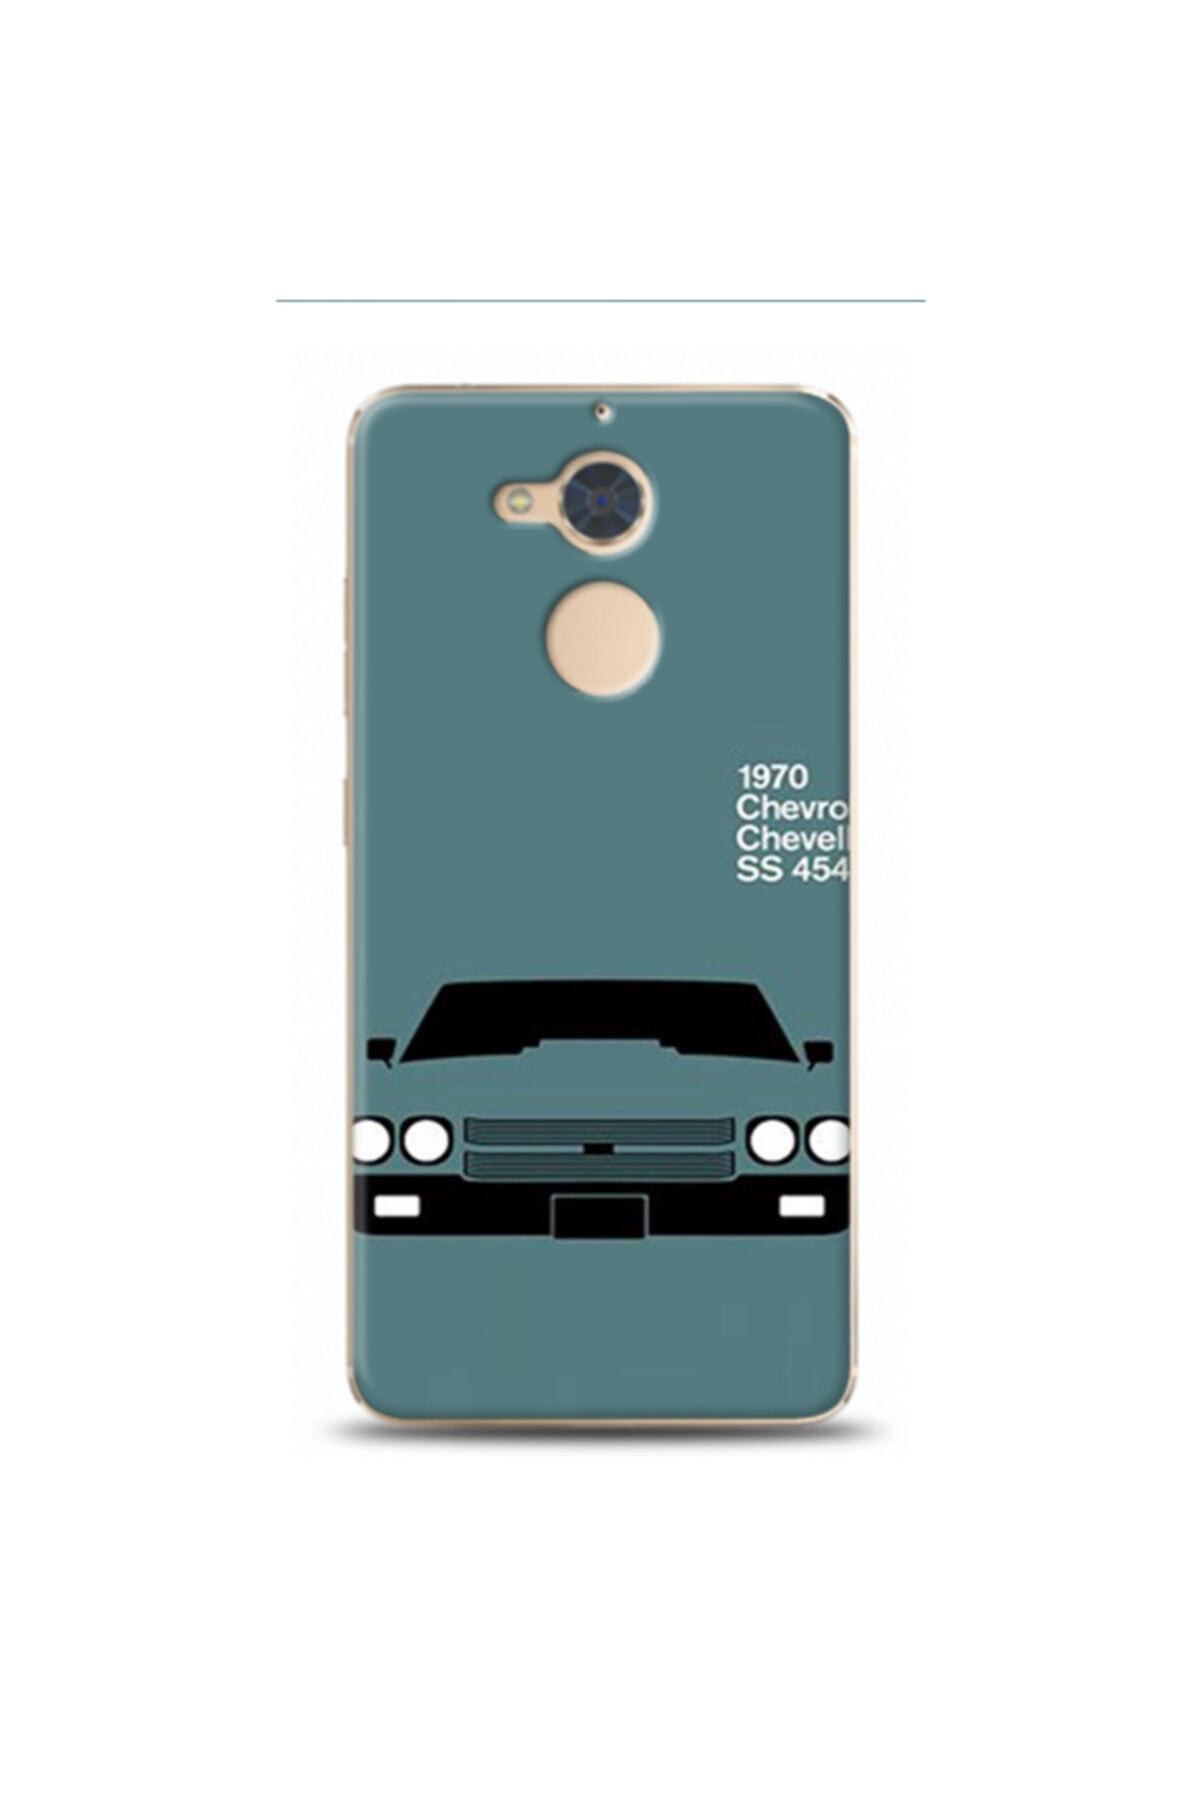 EXCLUSIVE Casper Via A1 Chevrolet Chevelle Ss 454 1970 Desenli Telefon Kılıfı 1